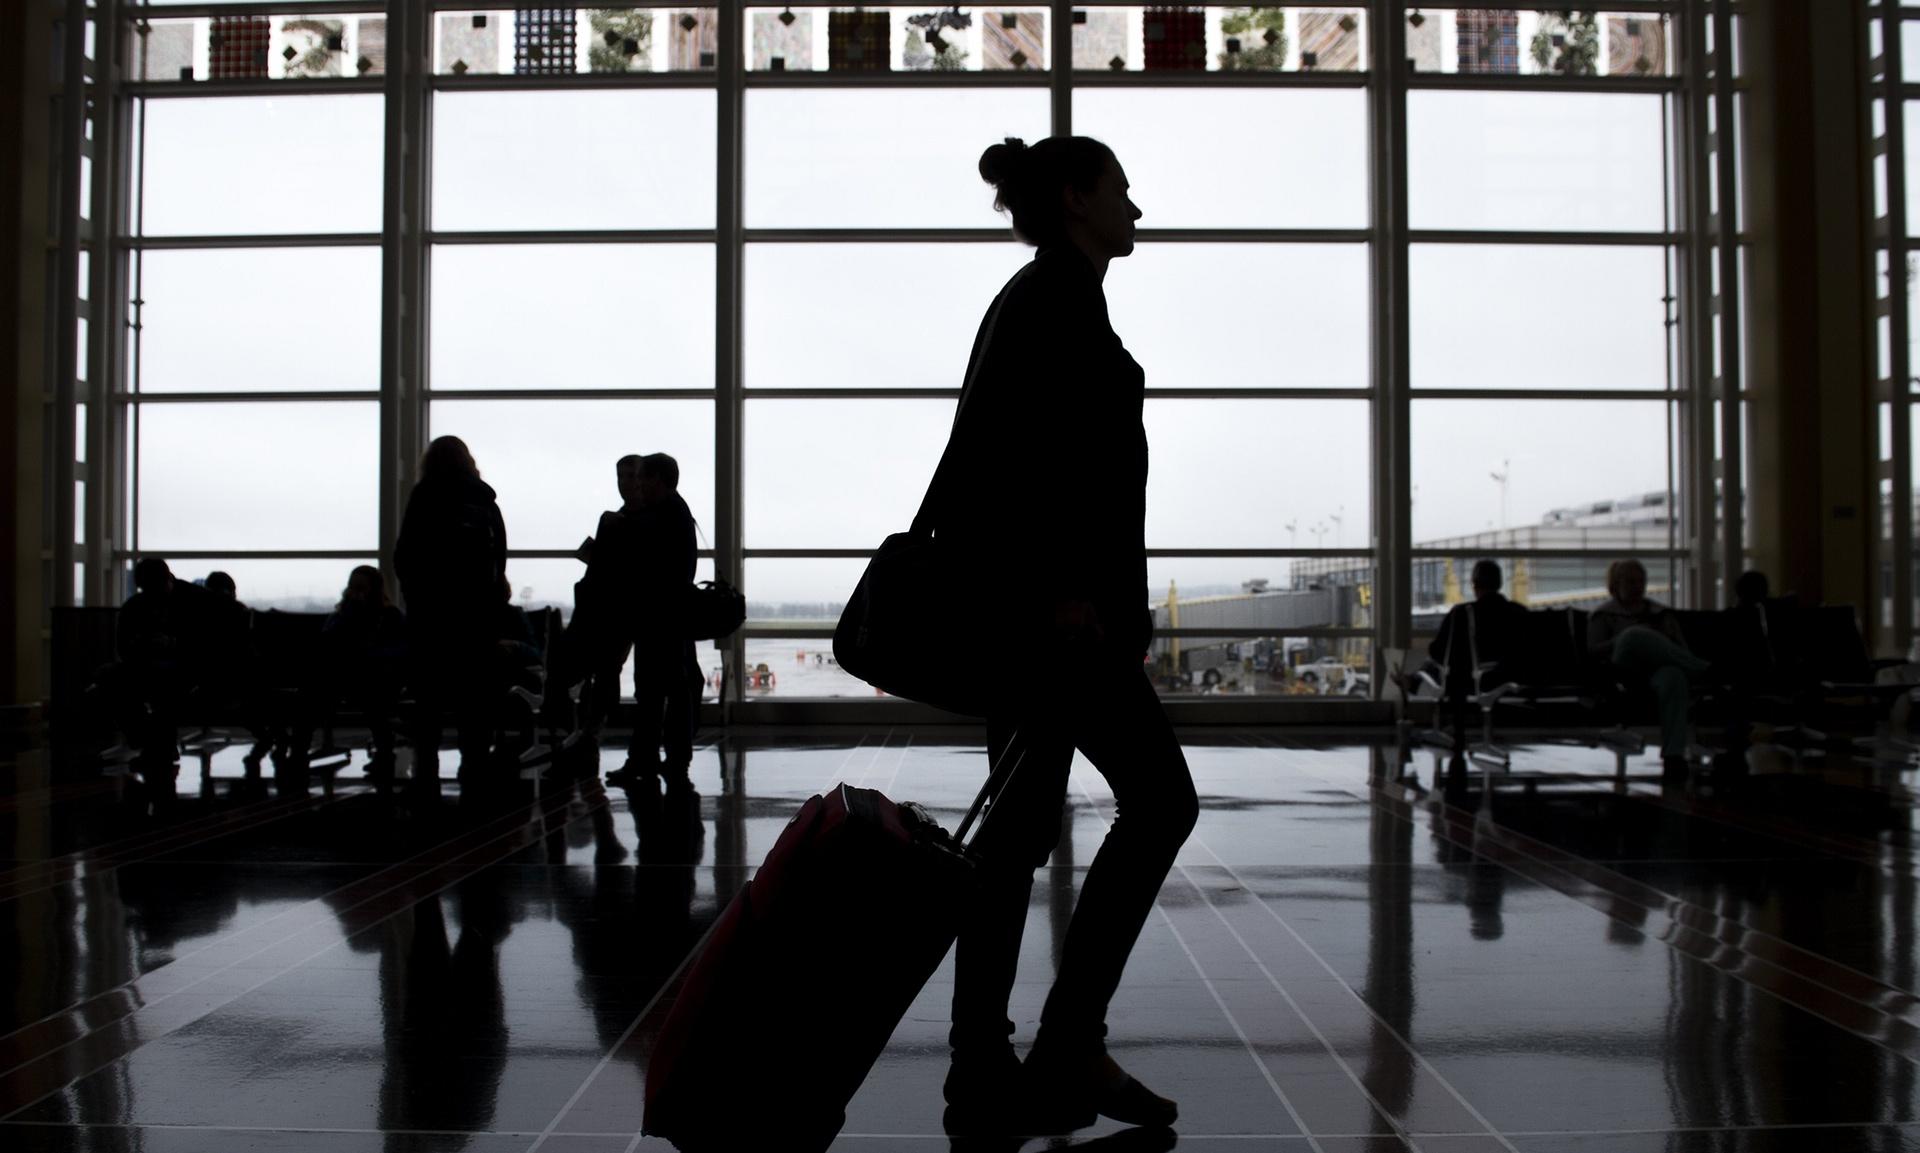 США: чиновники хотят запретить бездомным ночевать в аэропортах